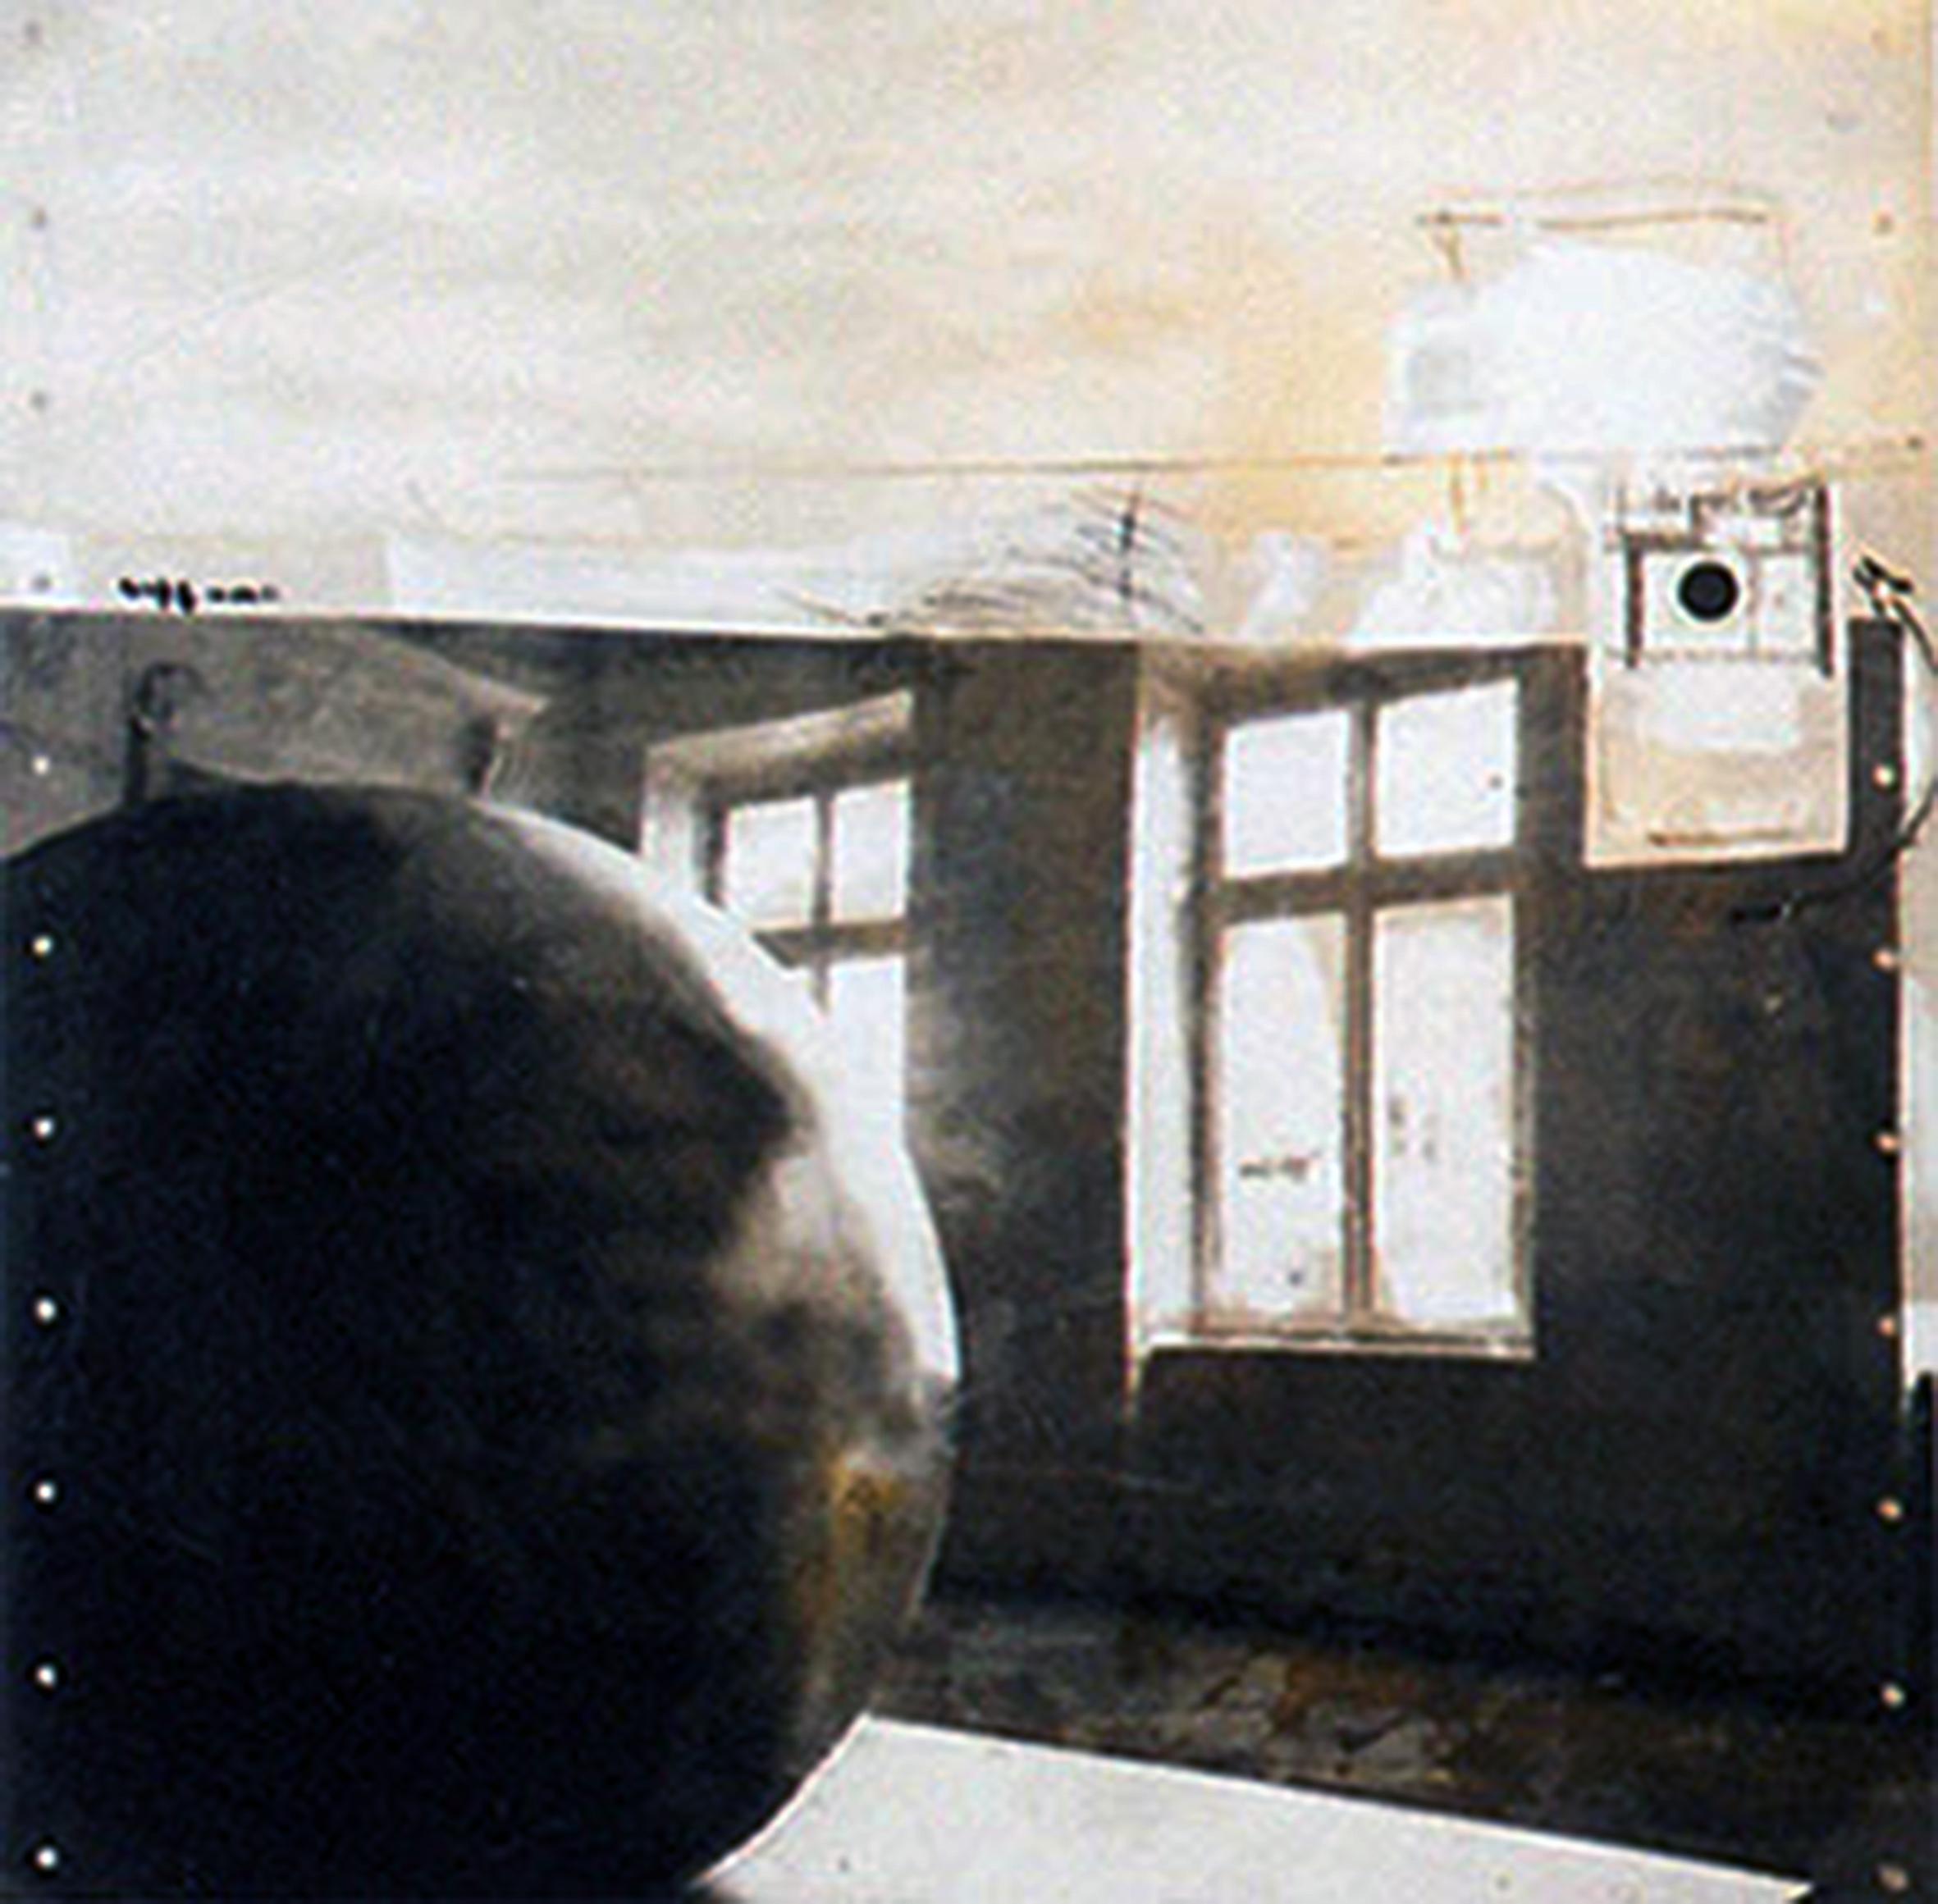 black globe in white area